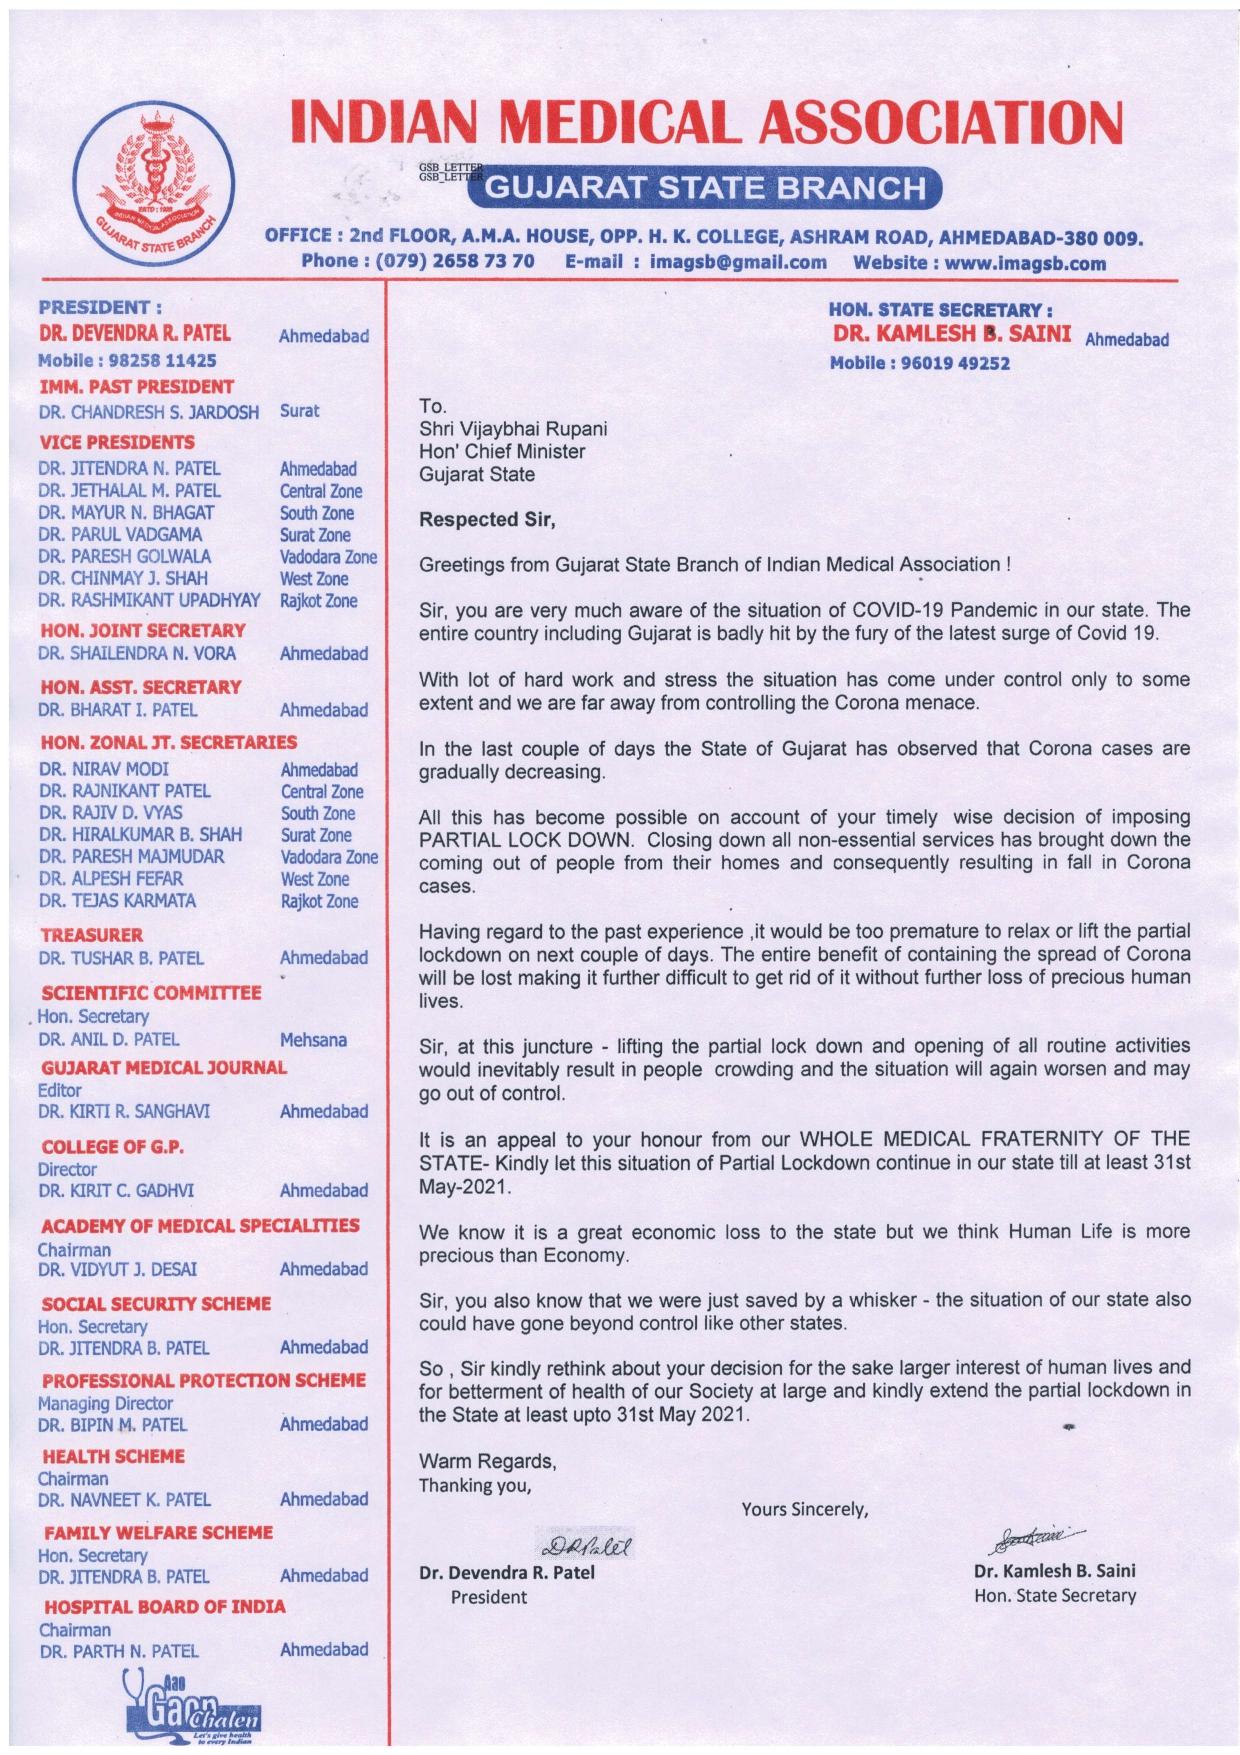 ઇન્ડિયન મેડિકલ એસોસિએશનનો મુખ્યમંત્રી ને પત્ર